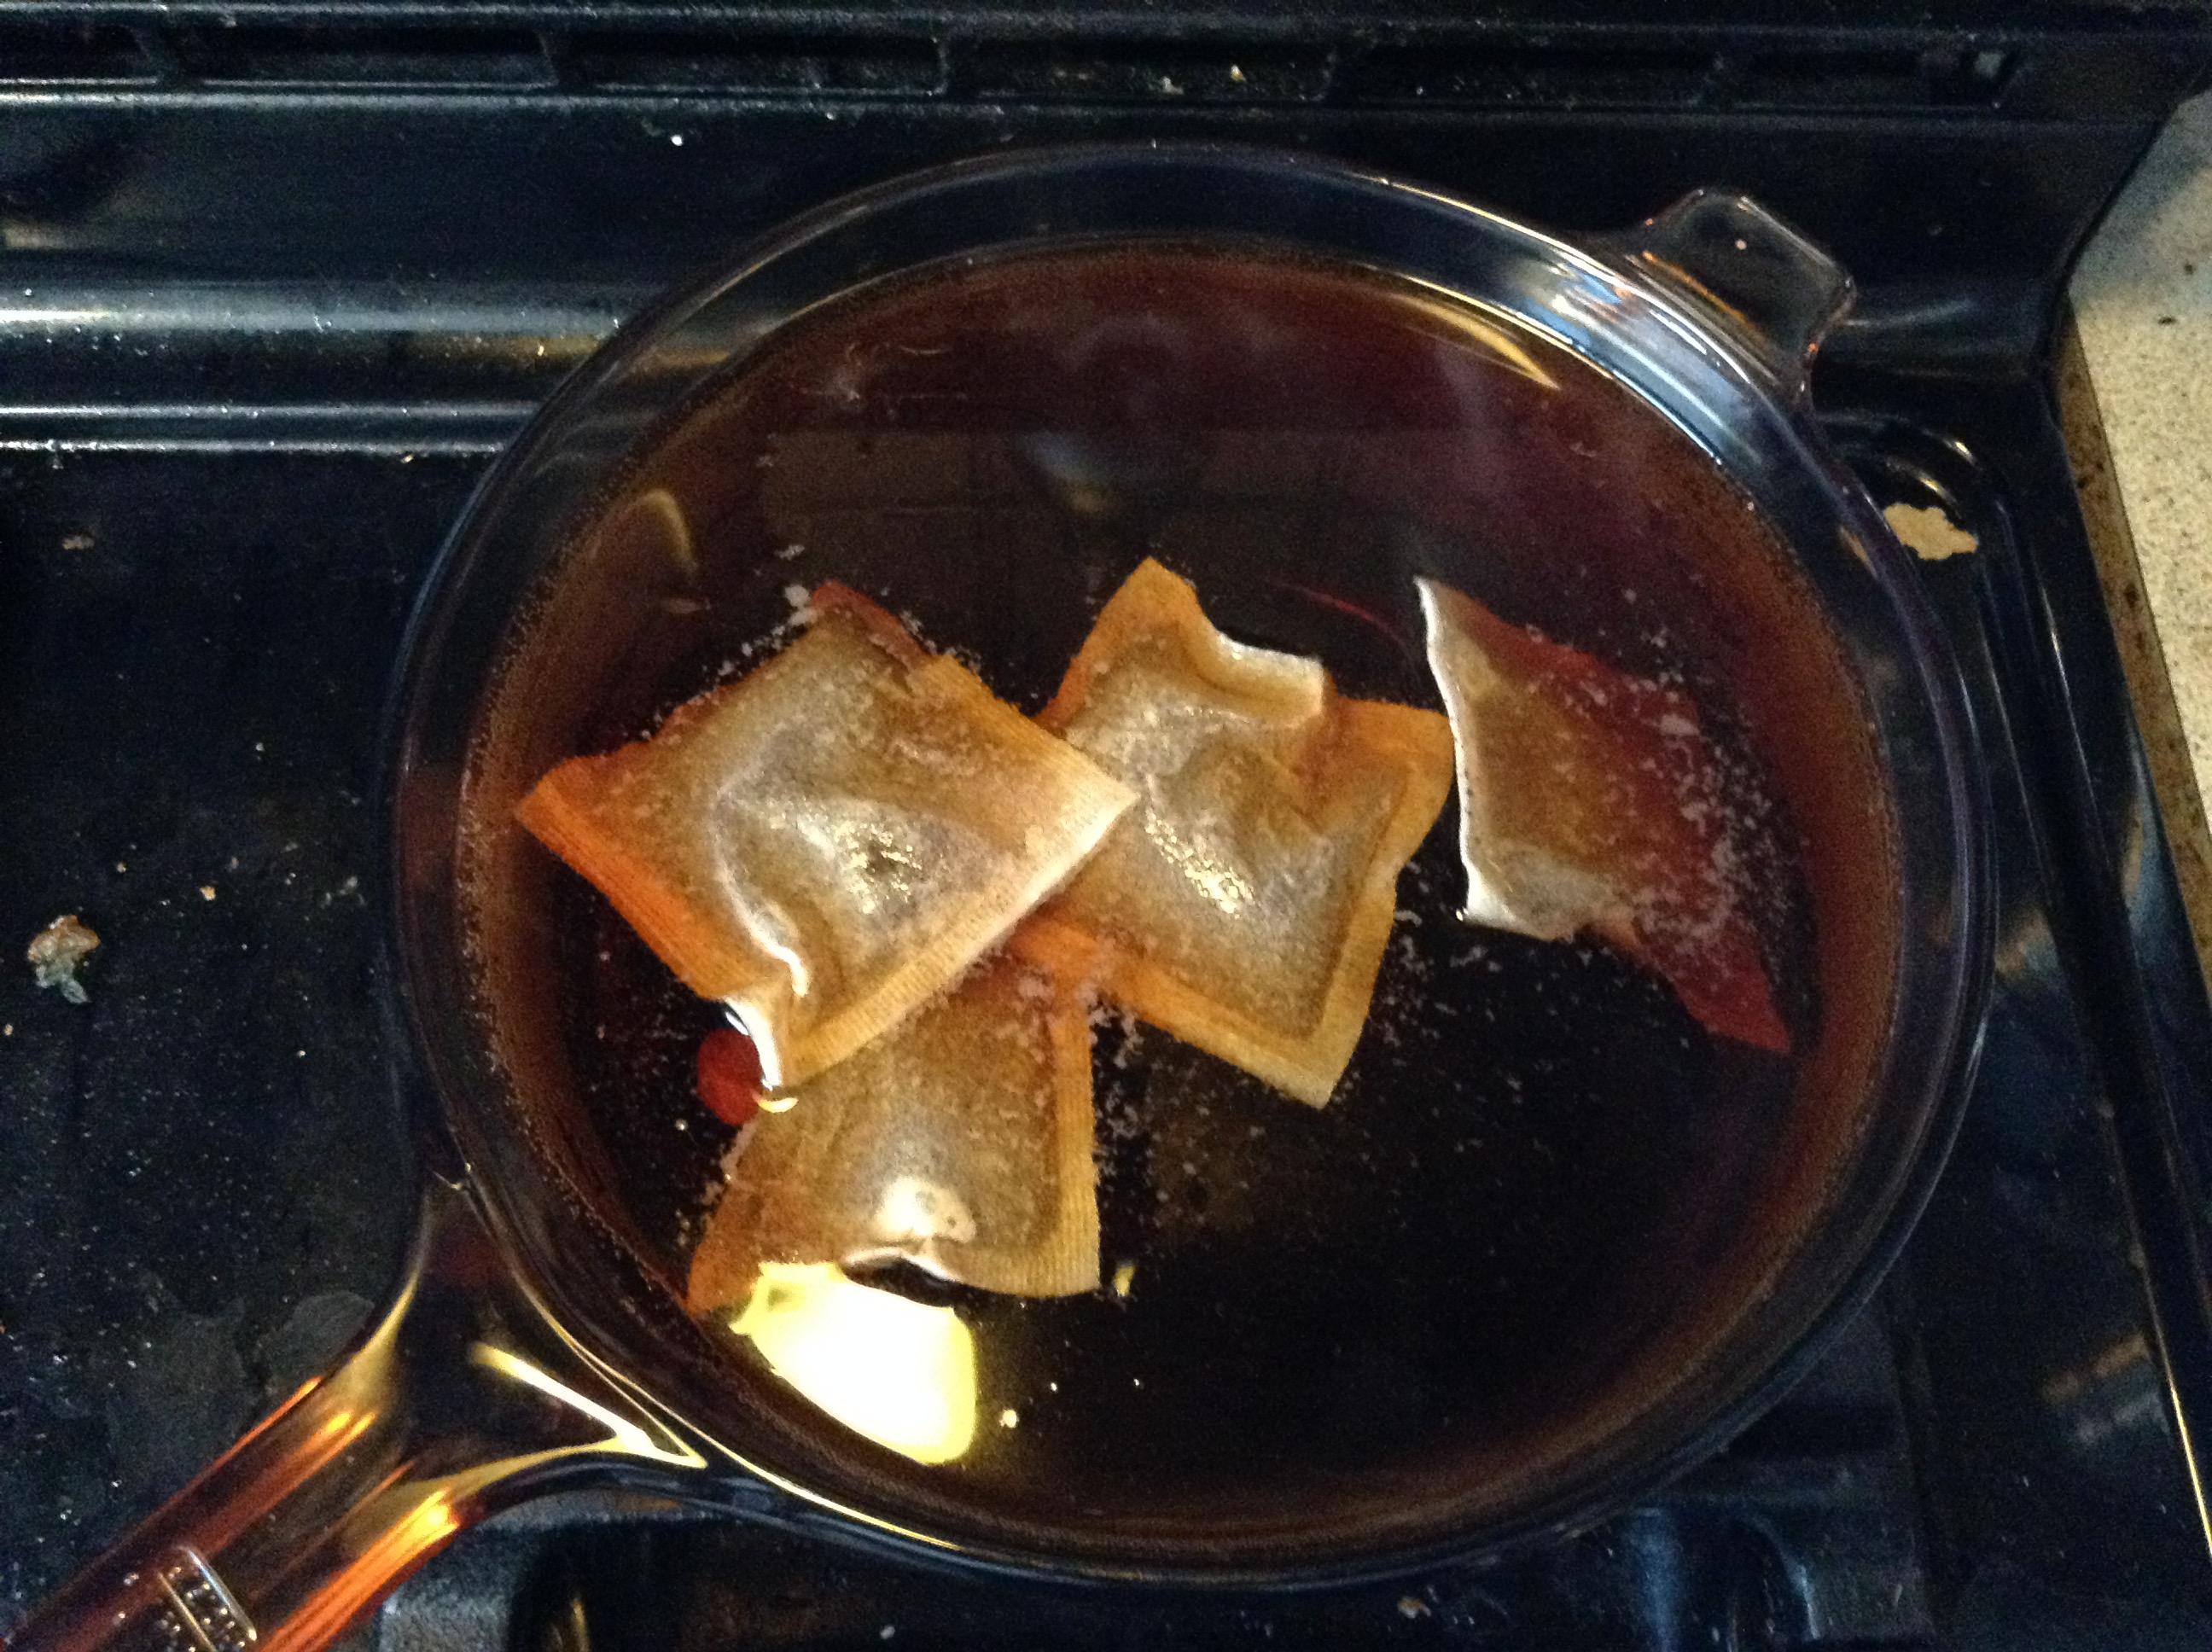 Sugar water and tea bags post-boil